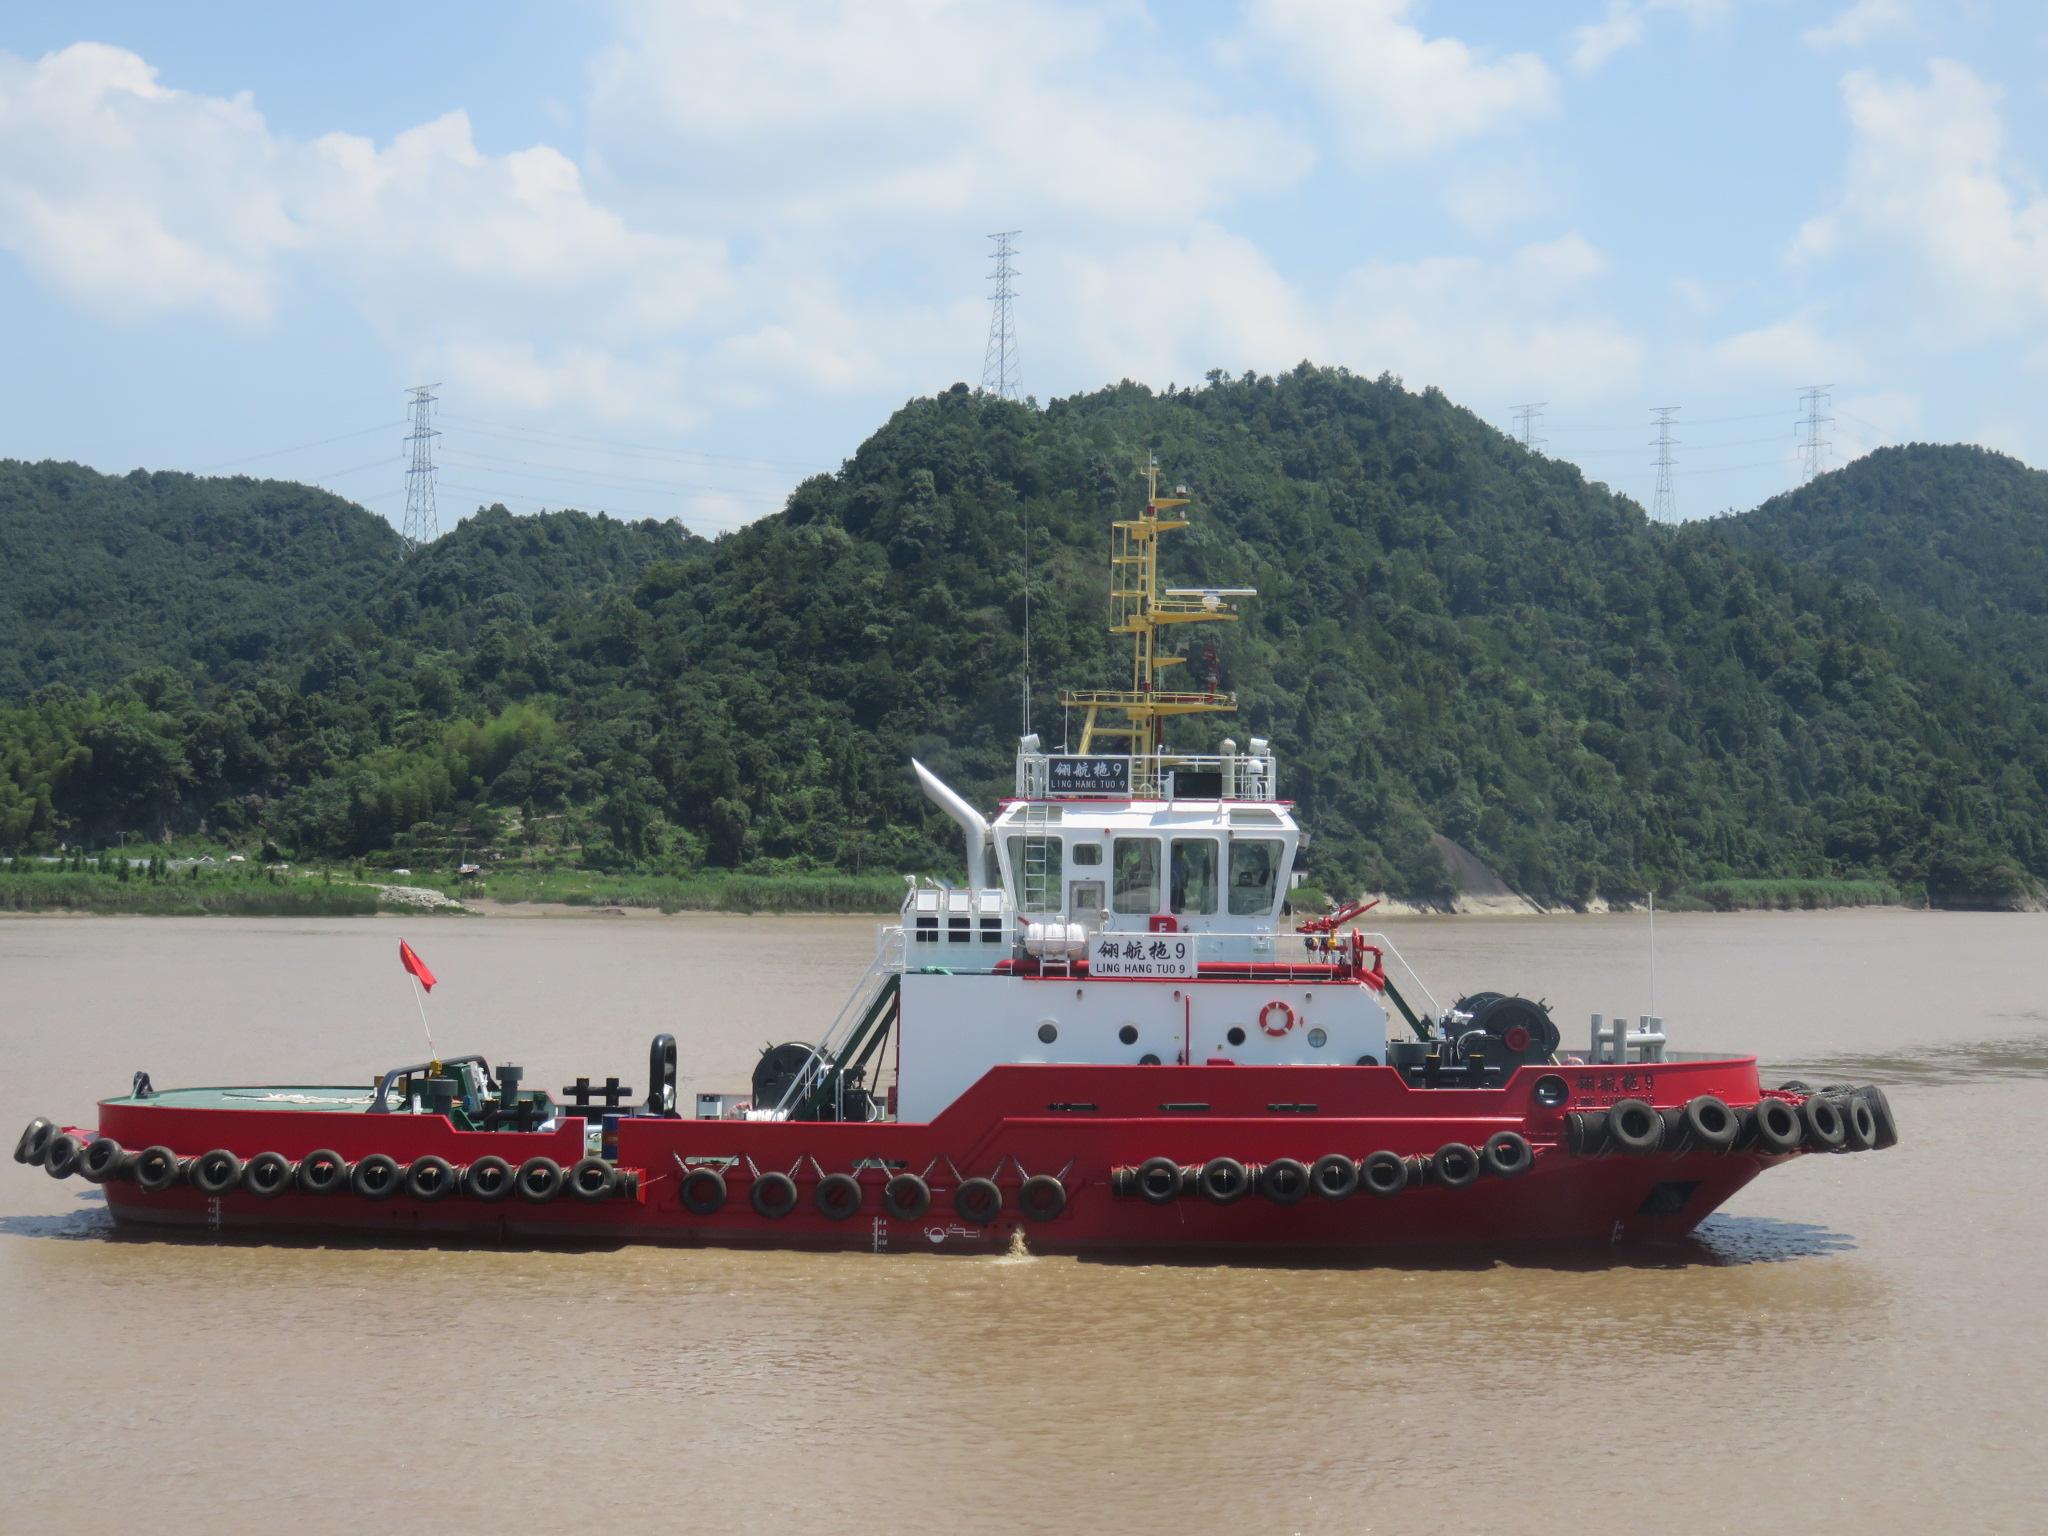 6000马力多用途消防全回转拖轮(靠离泊作业、消防守护、海上拖带)